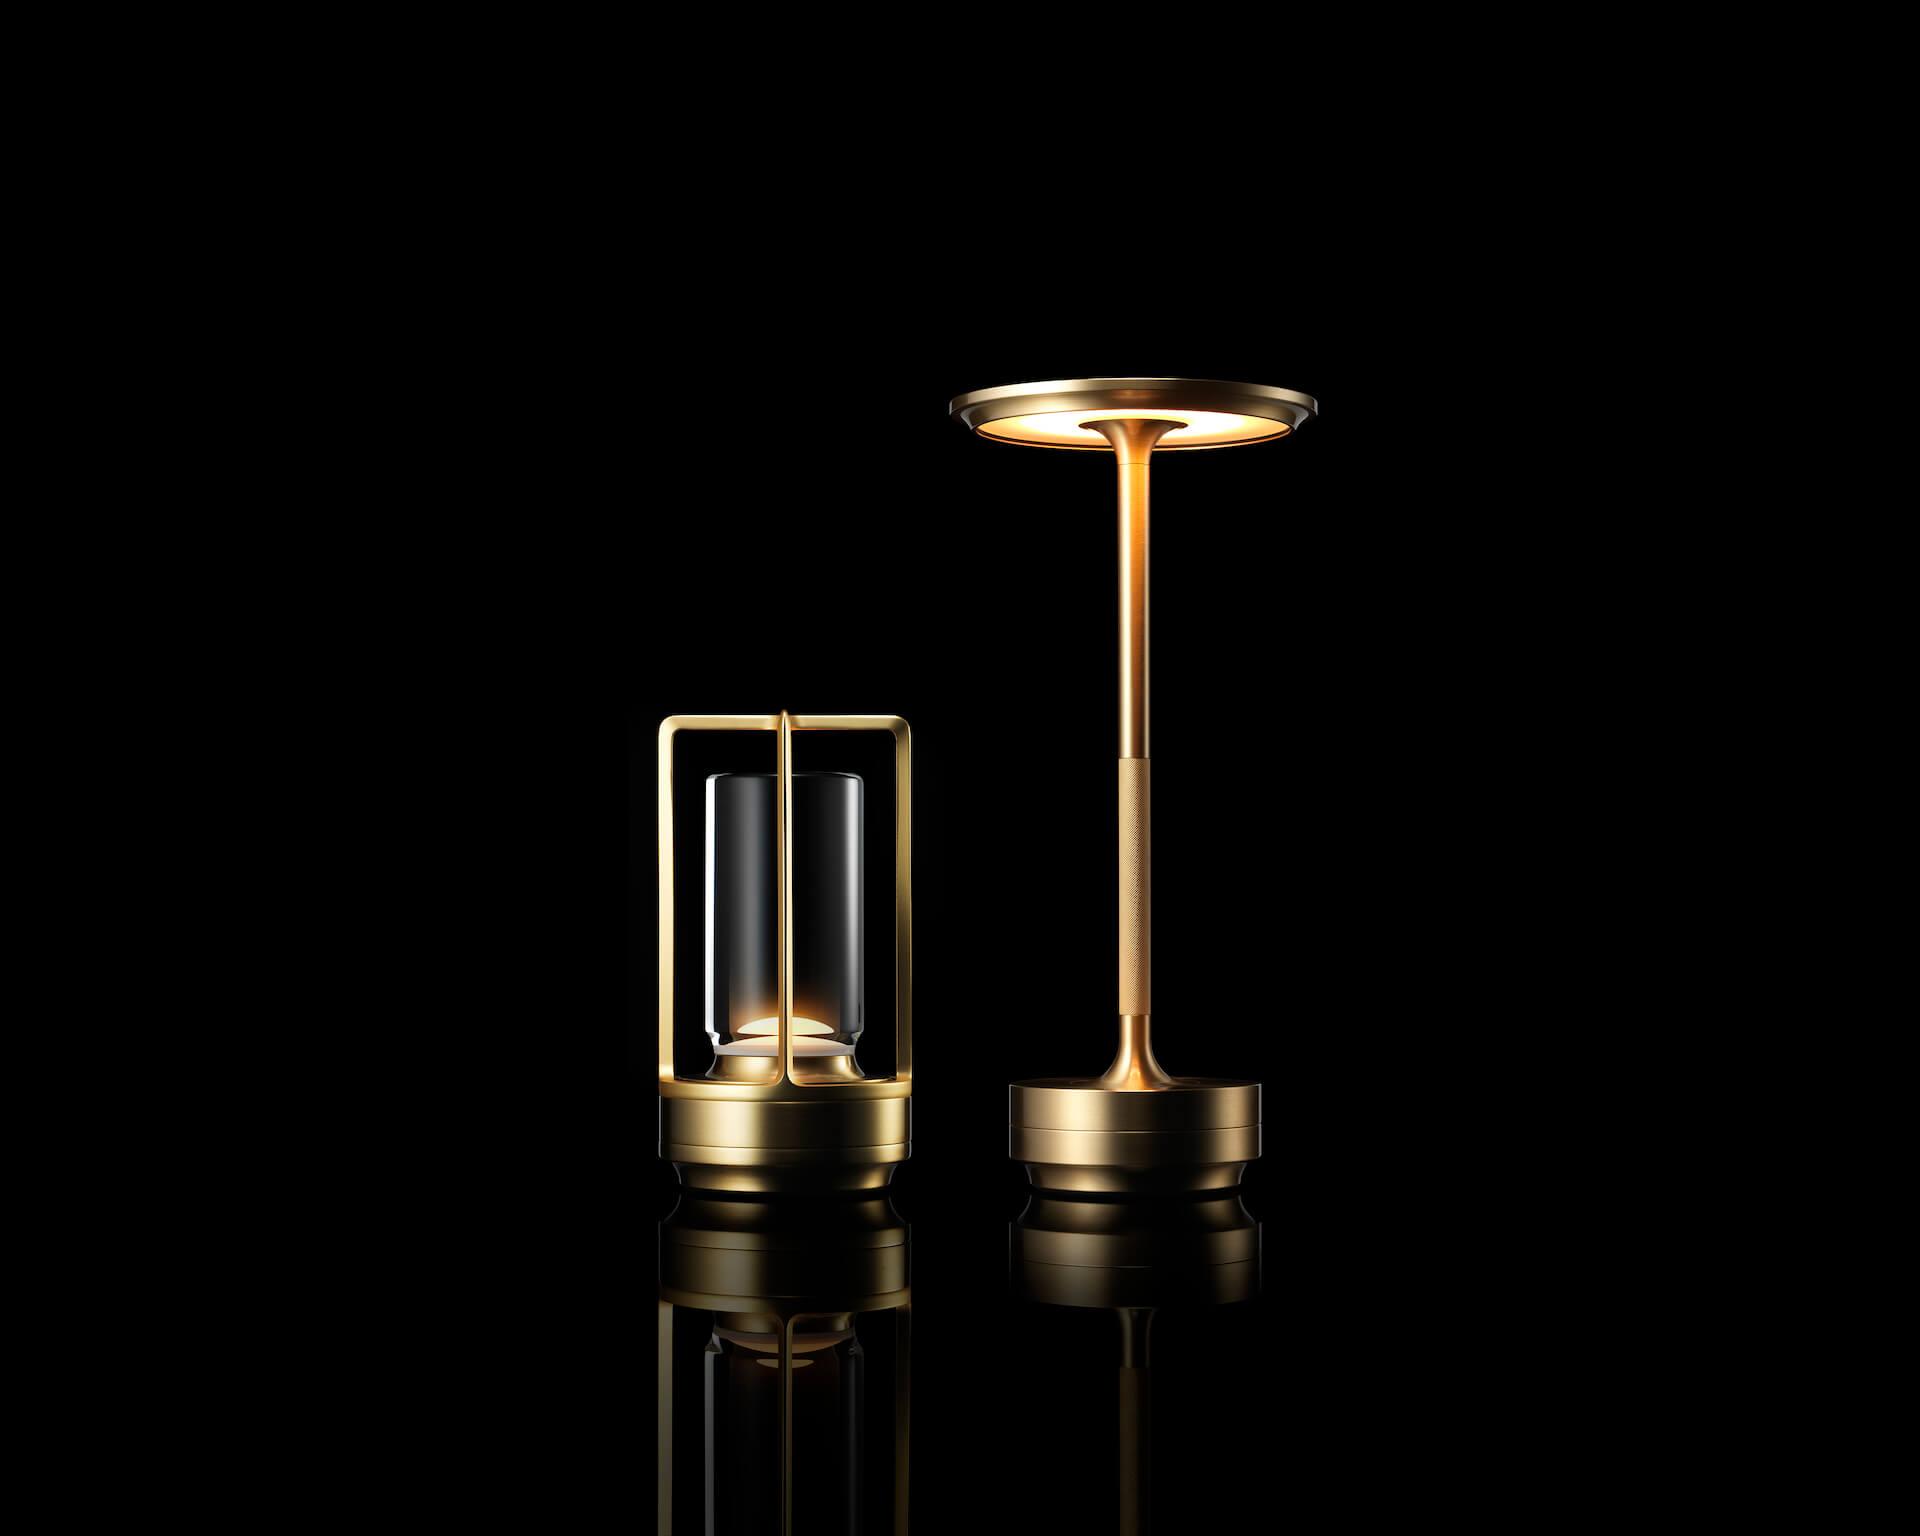 アンビエント照明「TURN+」が発売決定|ステンレス、真鍮、アルミブラックの3種 tech210407_turnplus_6